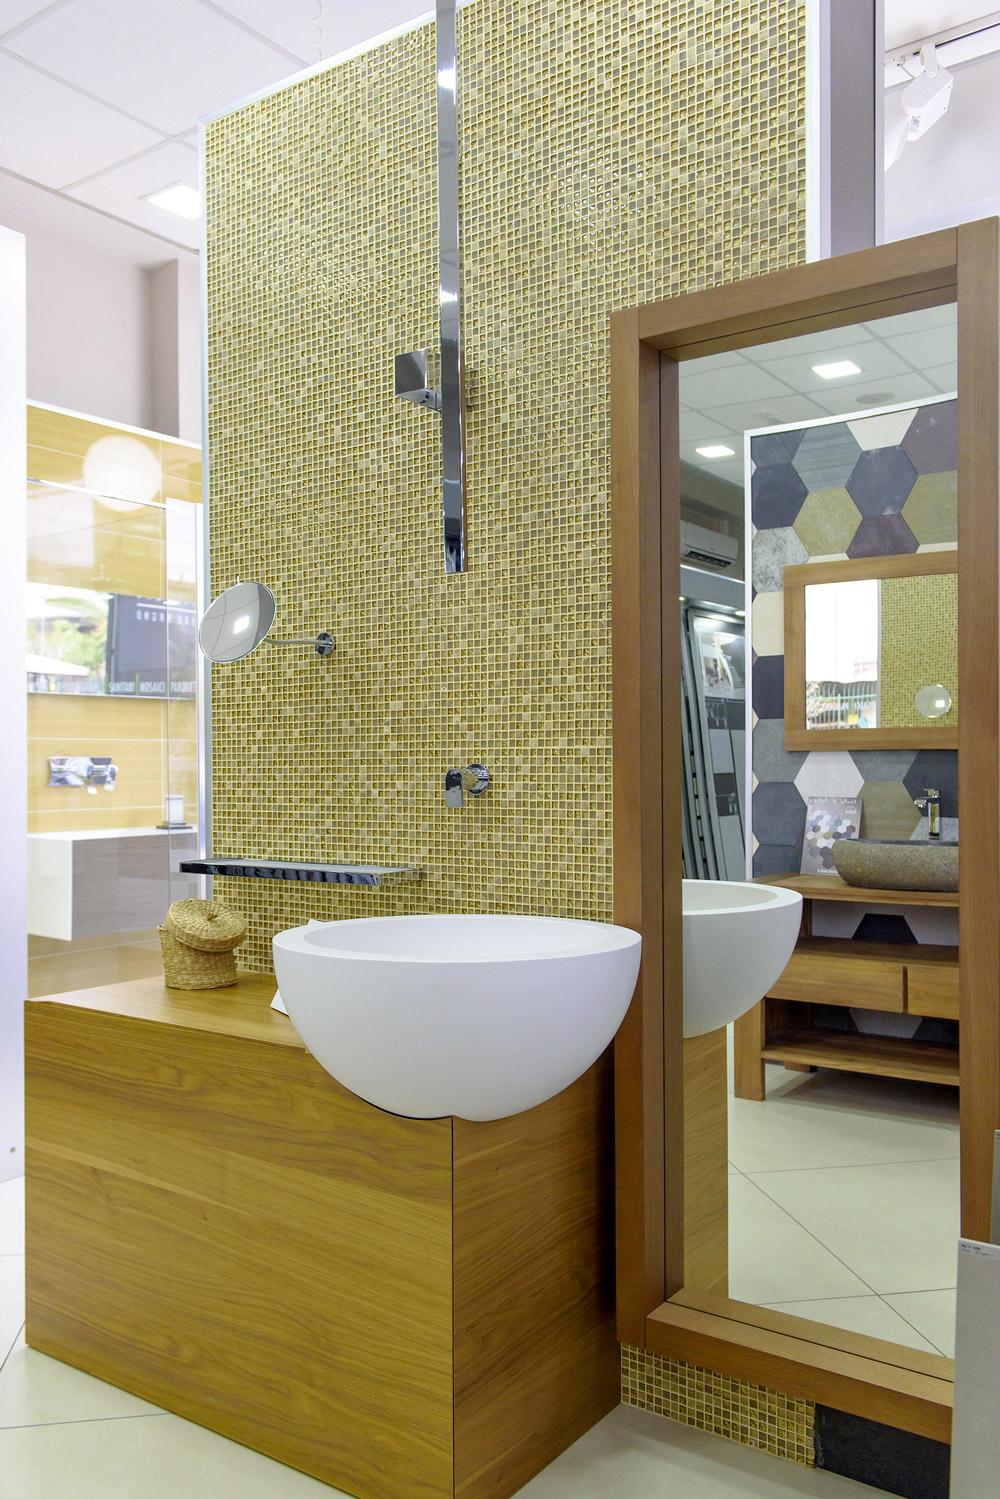 Showroom-miroma-ceramiche-arredobagno-aversa-caserta-napoli-19